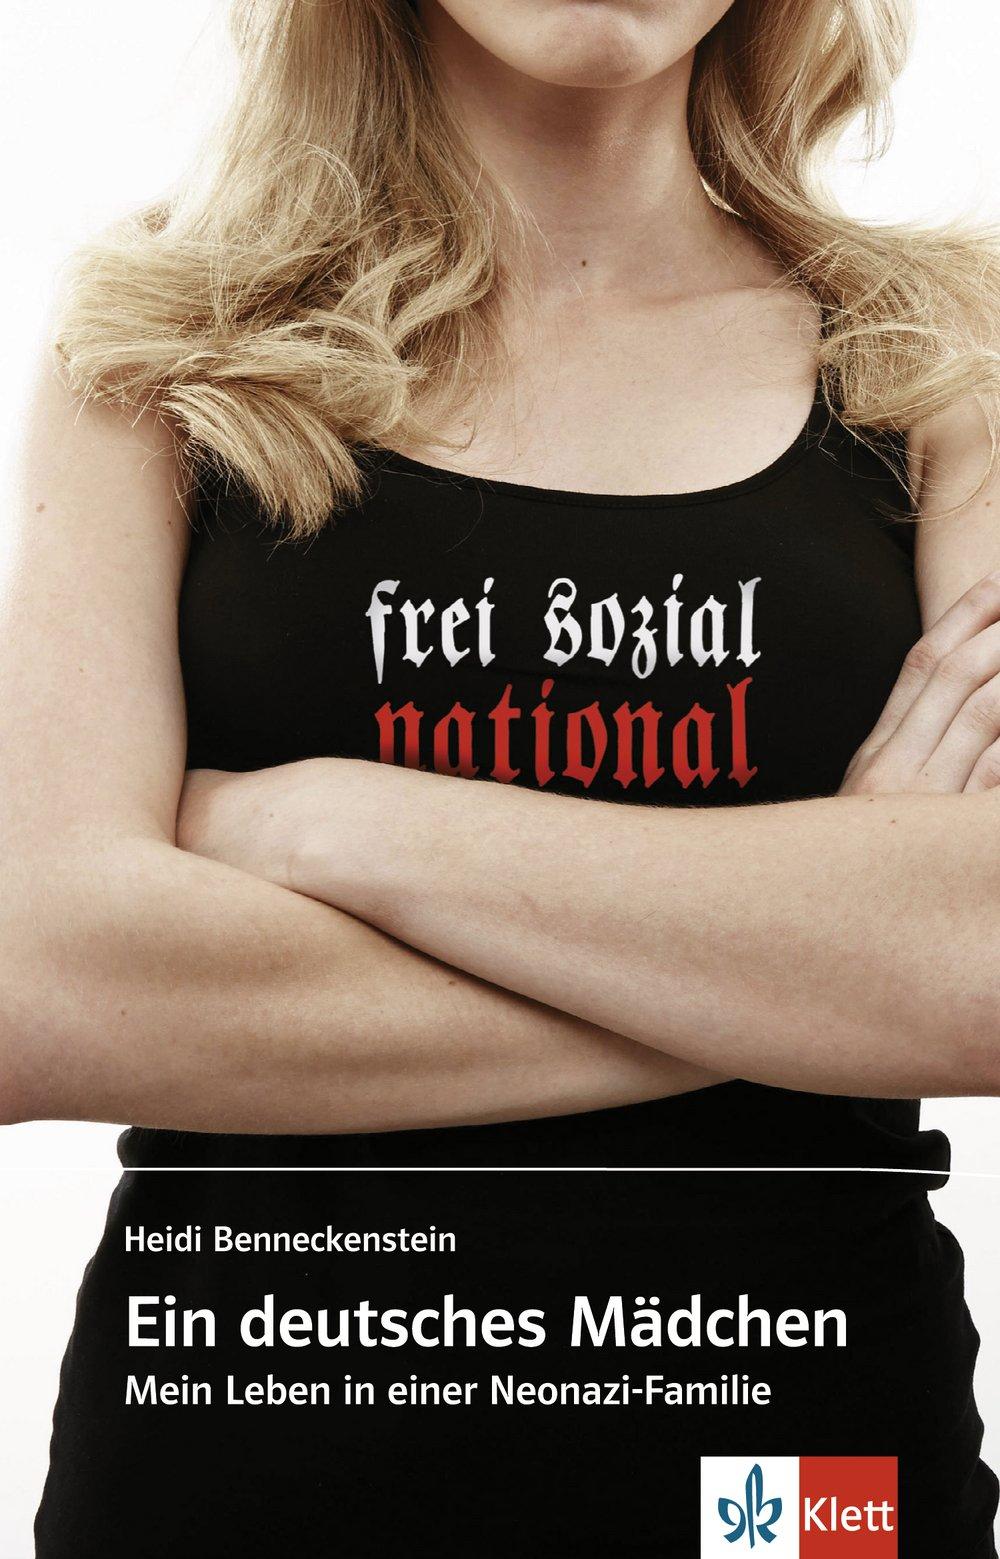 Ein deutsches Mädchen: Schulausgabe. Lektüre (Zoom – näher dran!) Taschenbuch – 23. Oktober 2017 Heidi Benneckenstein Klett Sprachen 3126669190 Lektüren